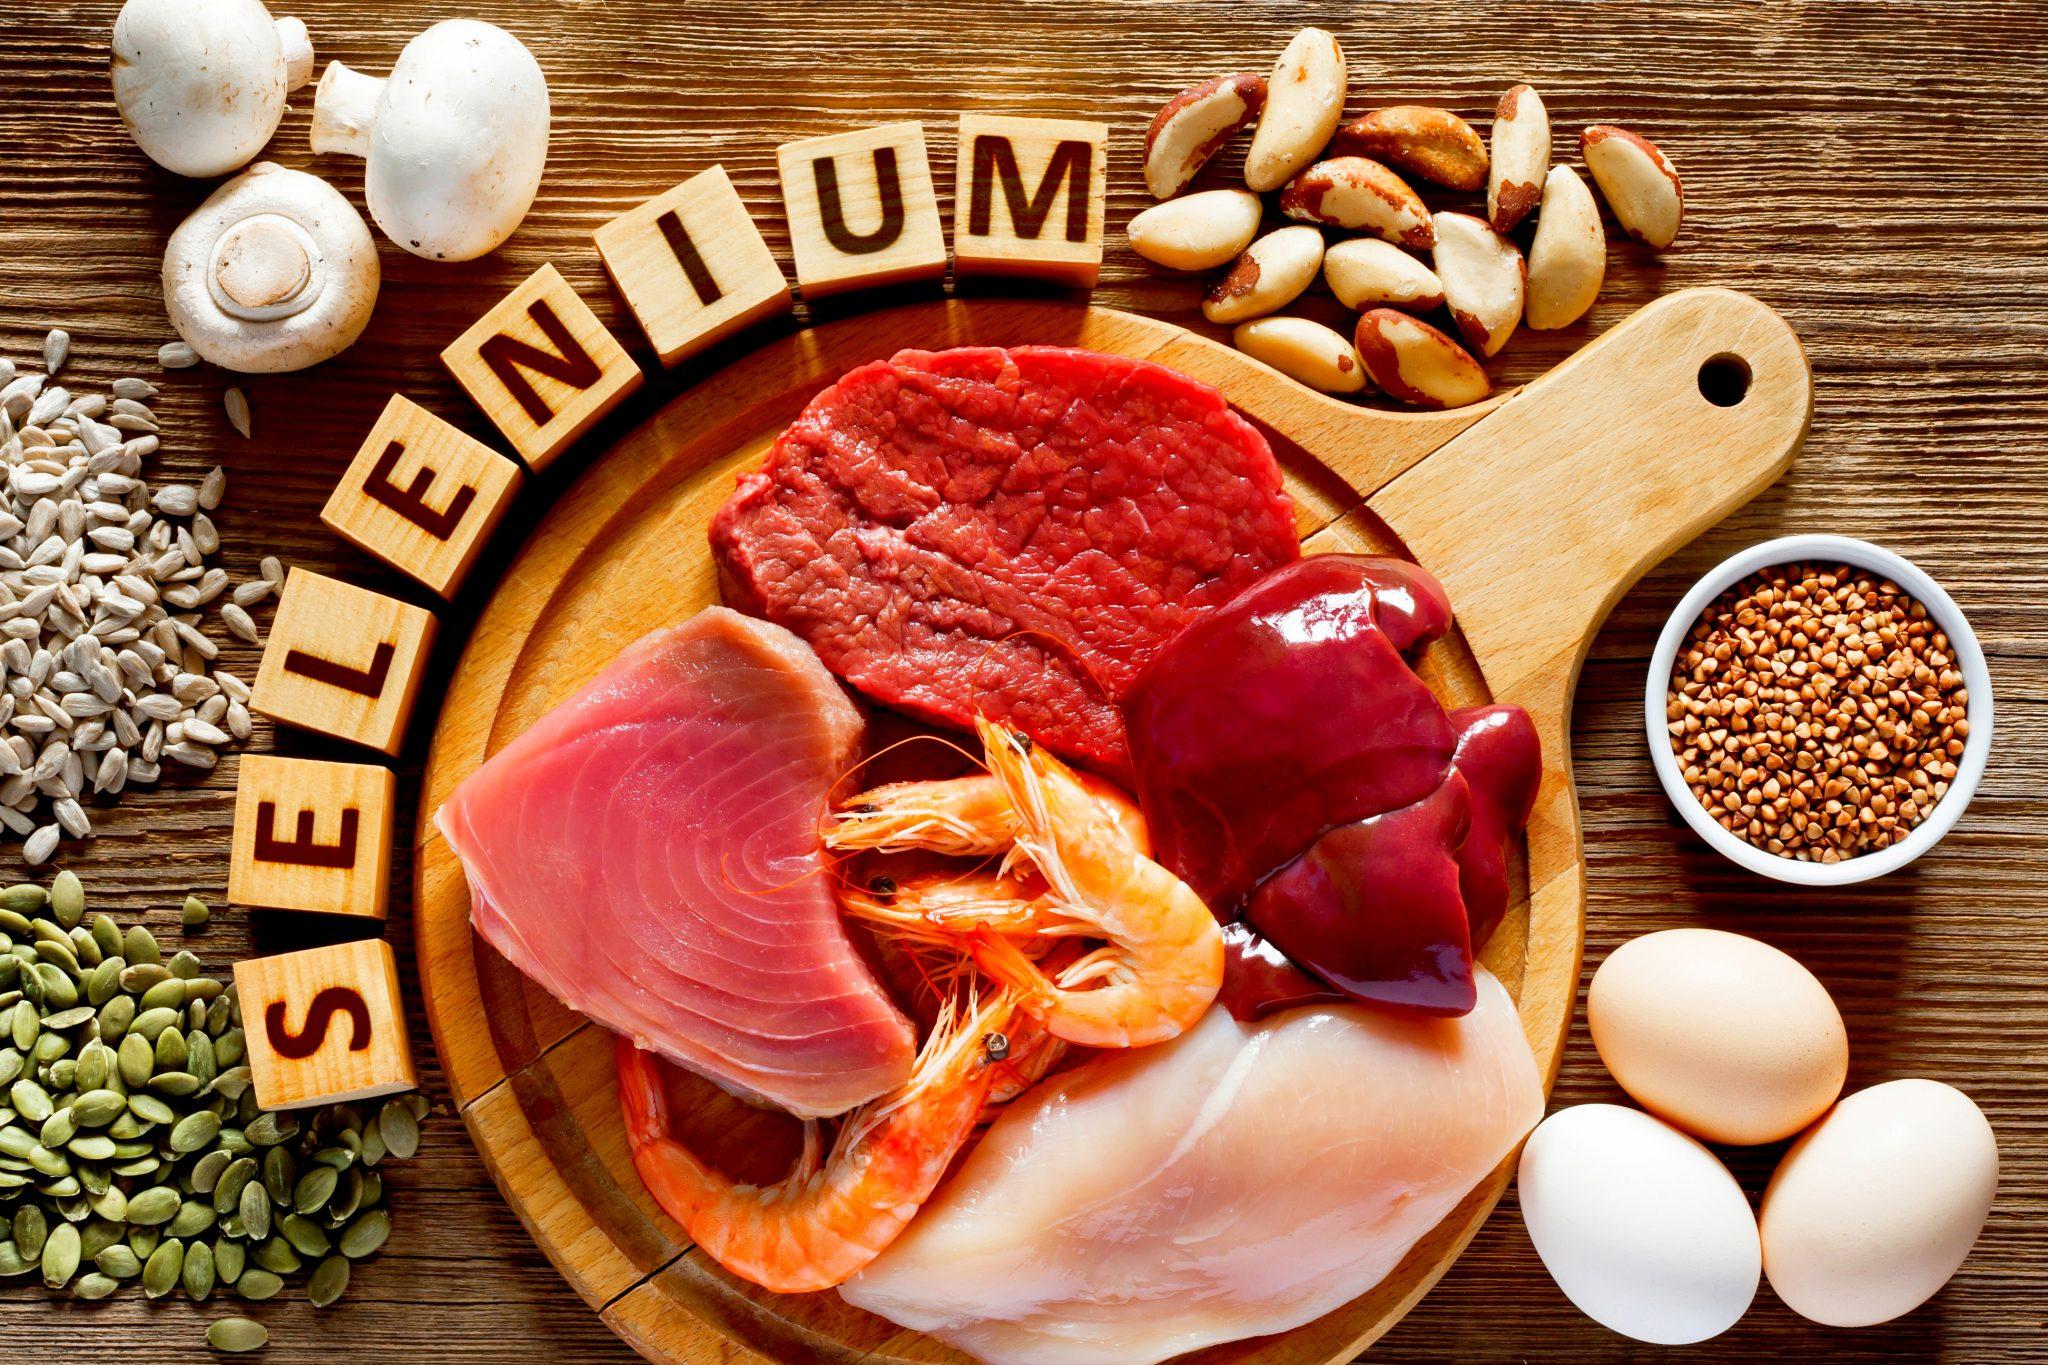 セレンを多く含む食べ物の一覧表